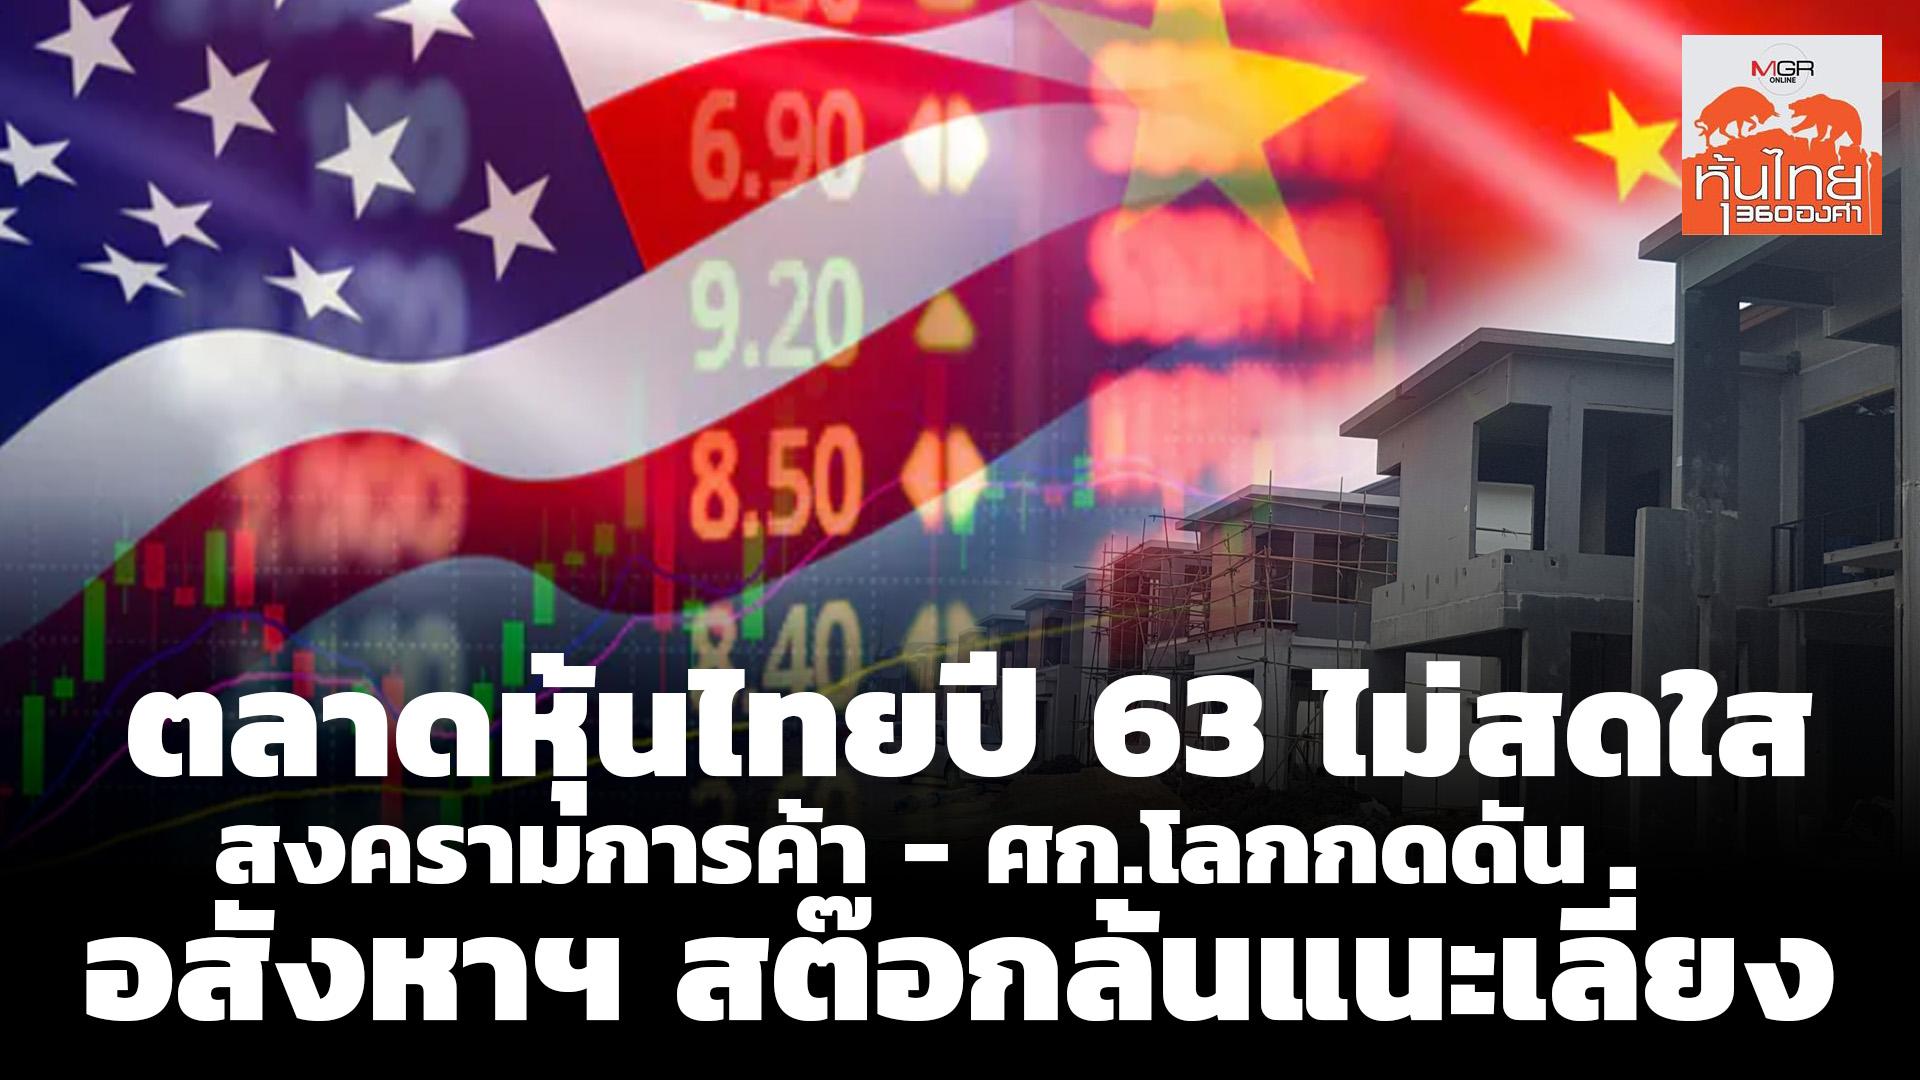 ตลาดหุ้นไทยปี 63 ไม่สดใส สงครามการค้า - ศก.โลกกดดัน อสังหาฯ สต๊อกล้นแนะเลี่ยง